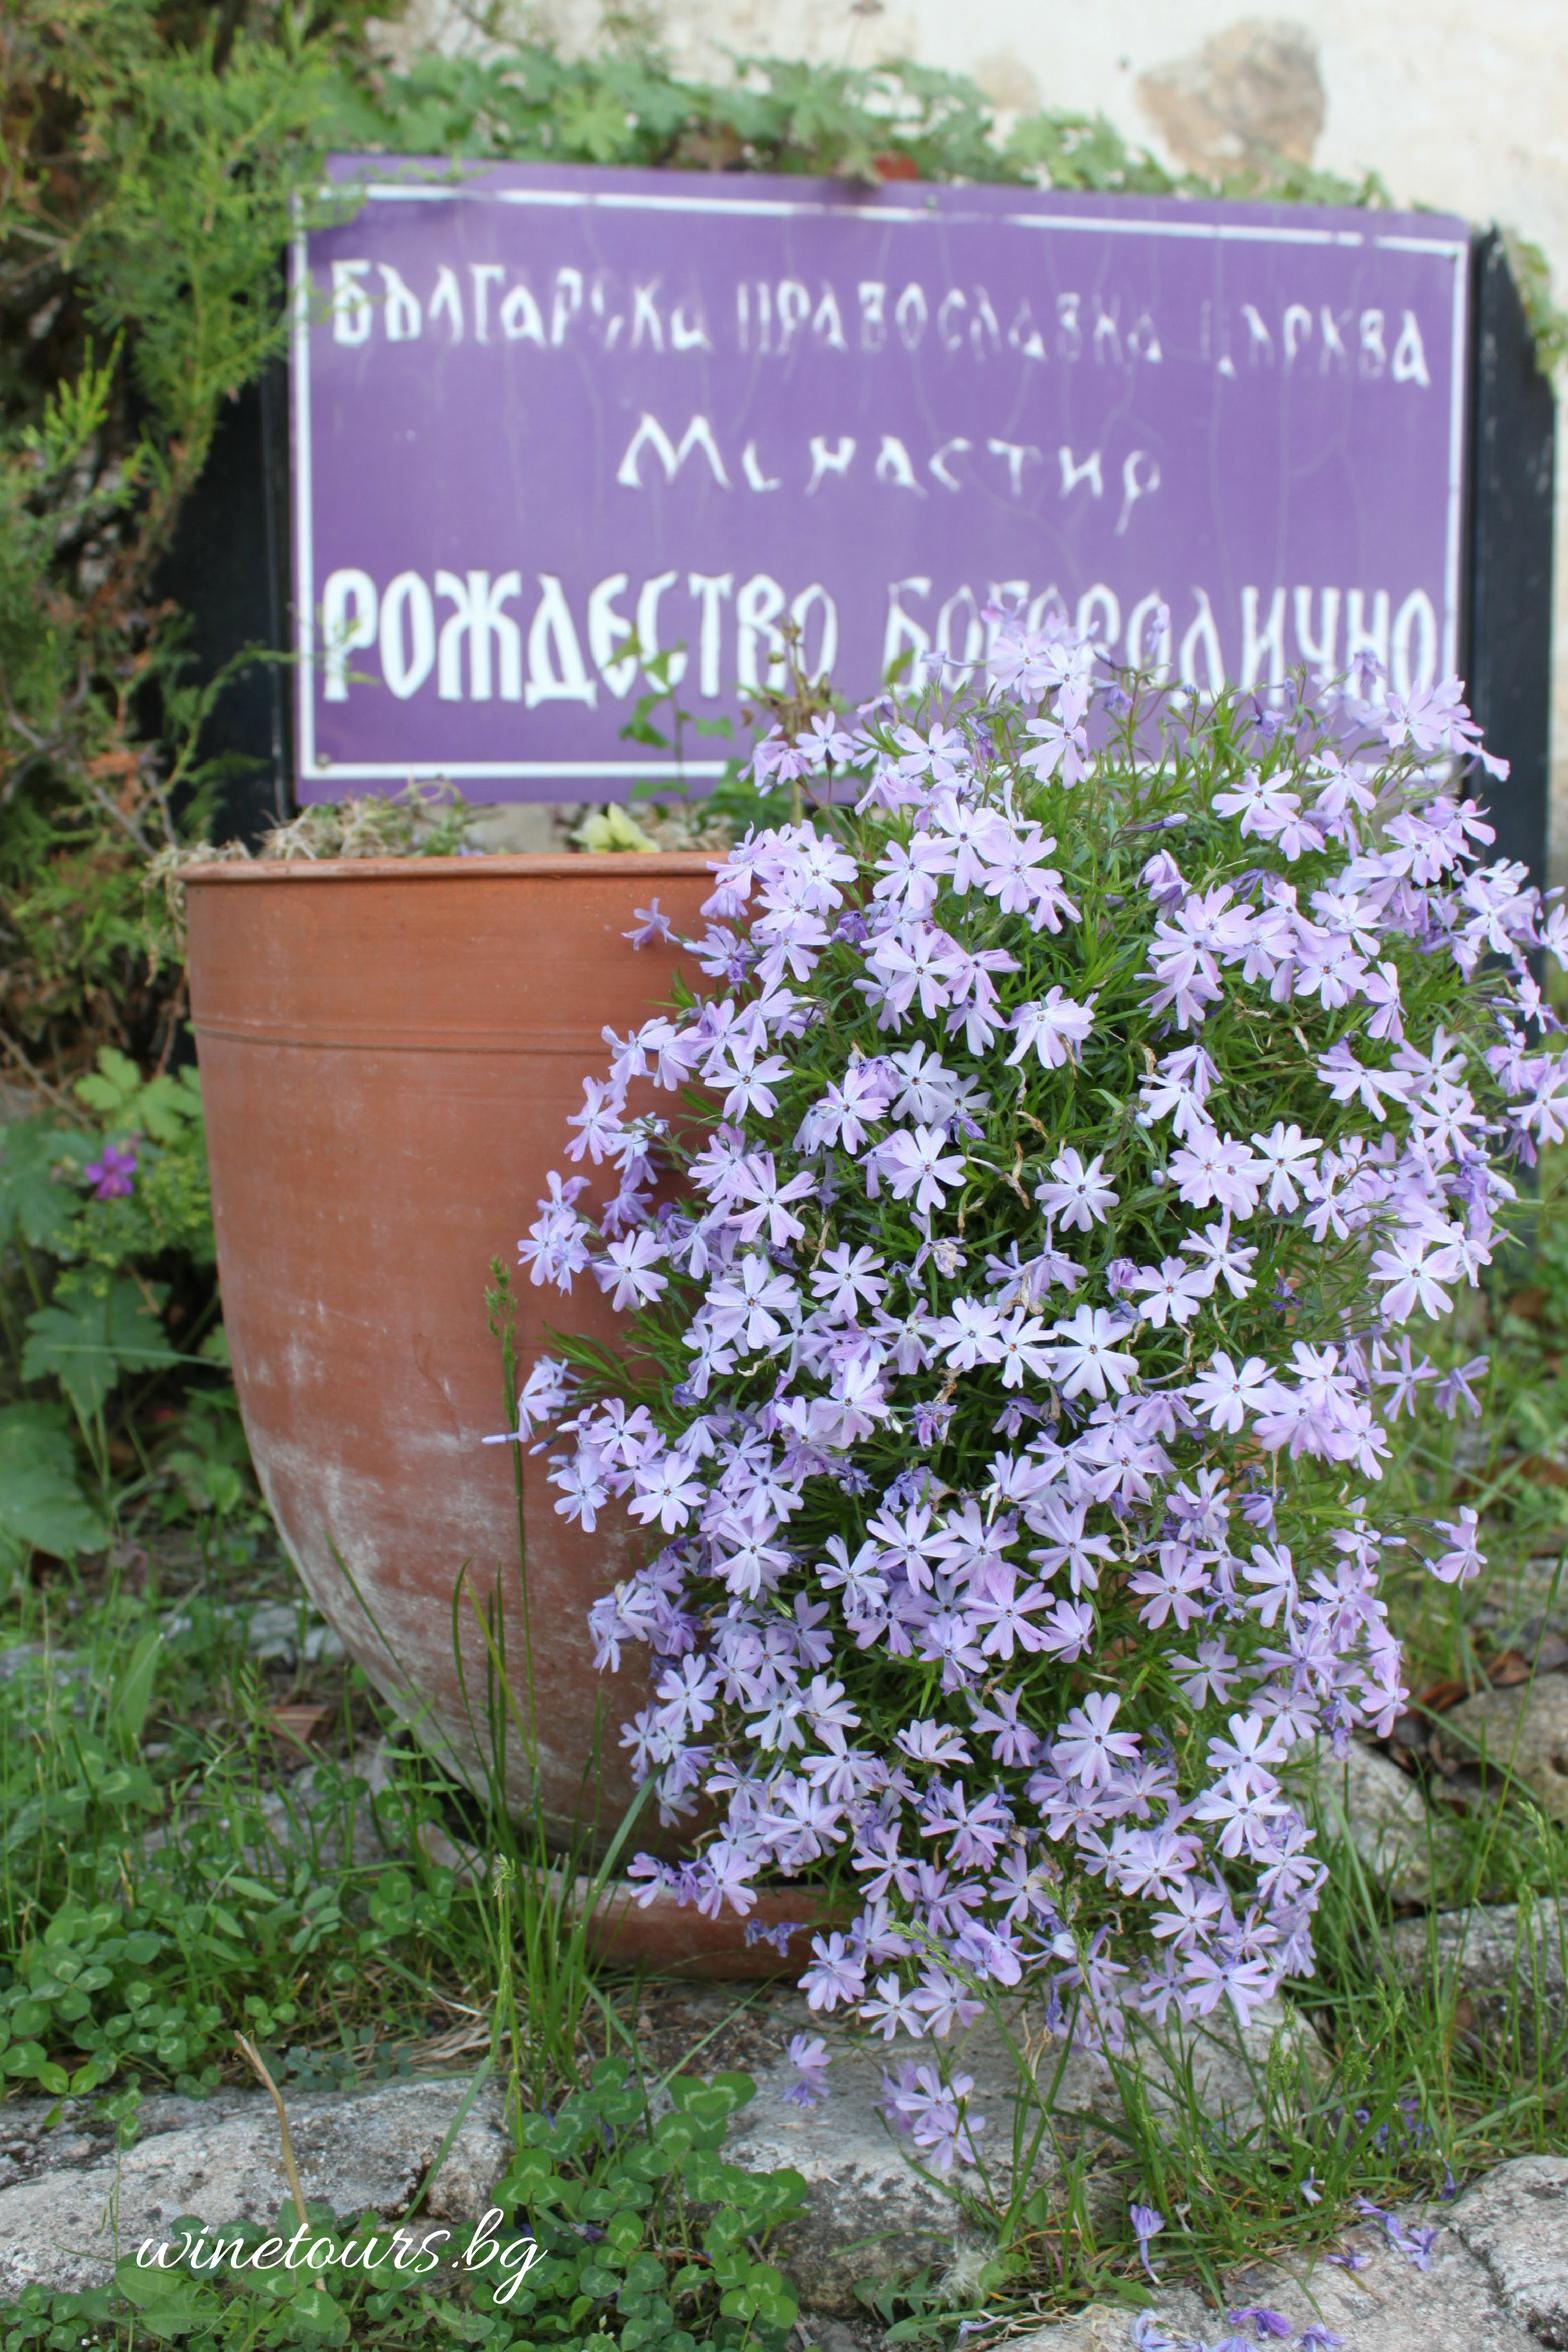 winetours.bg Роженски Манастир